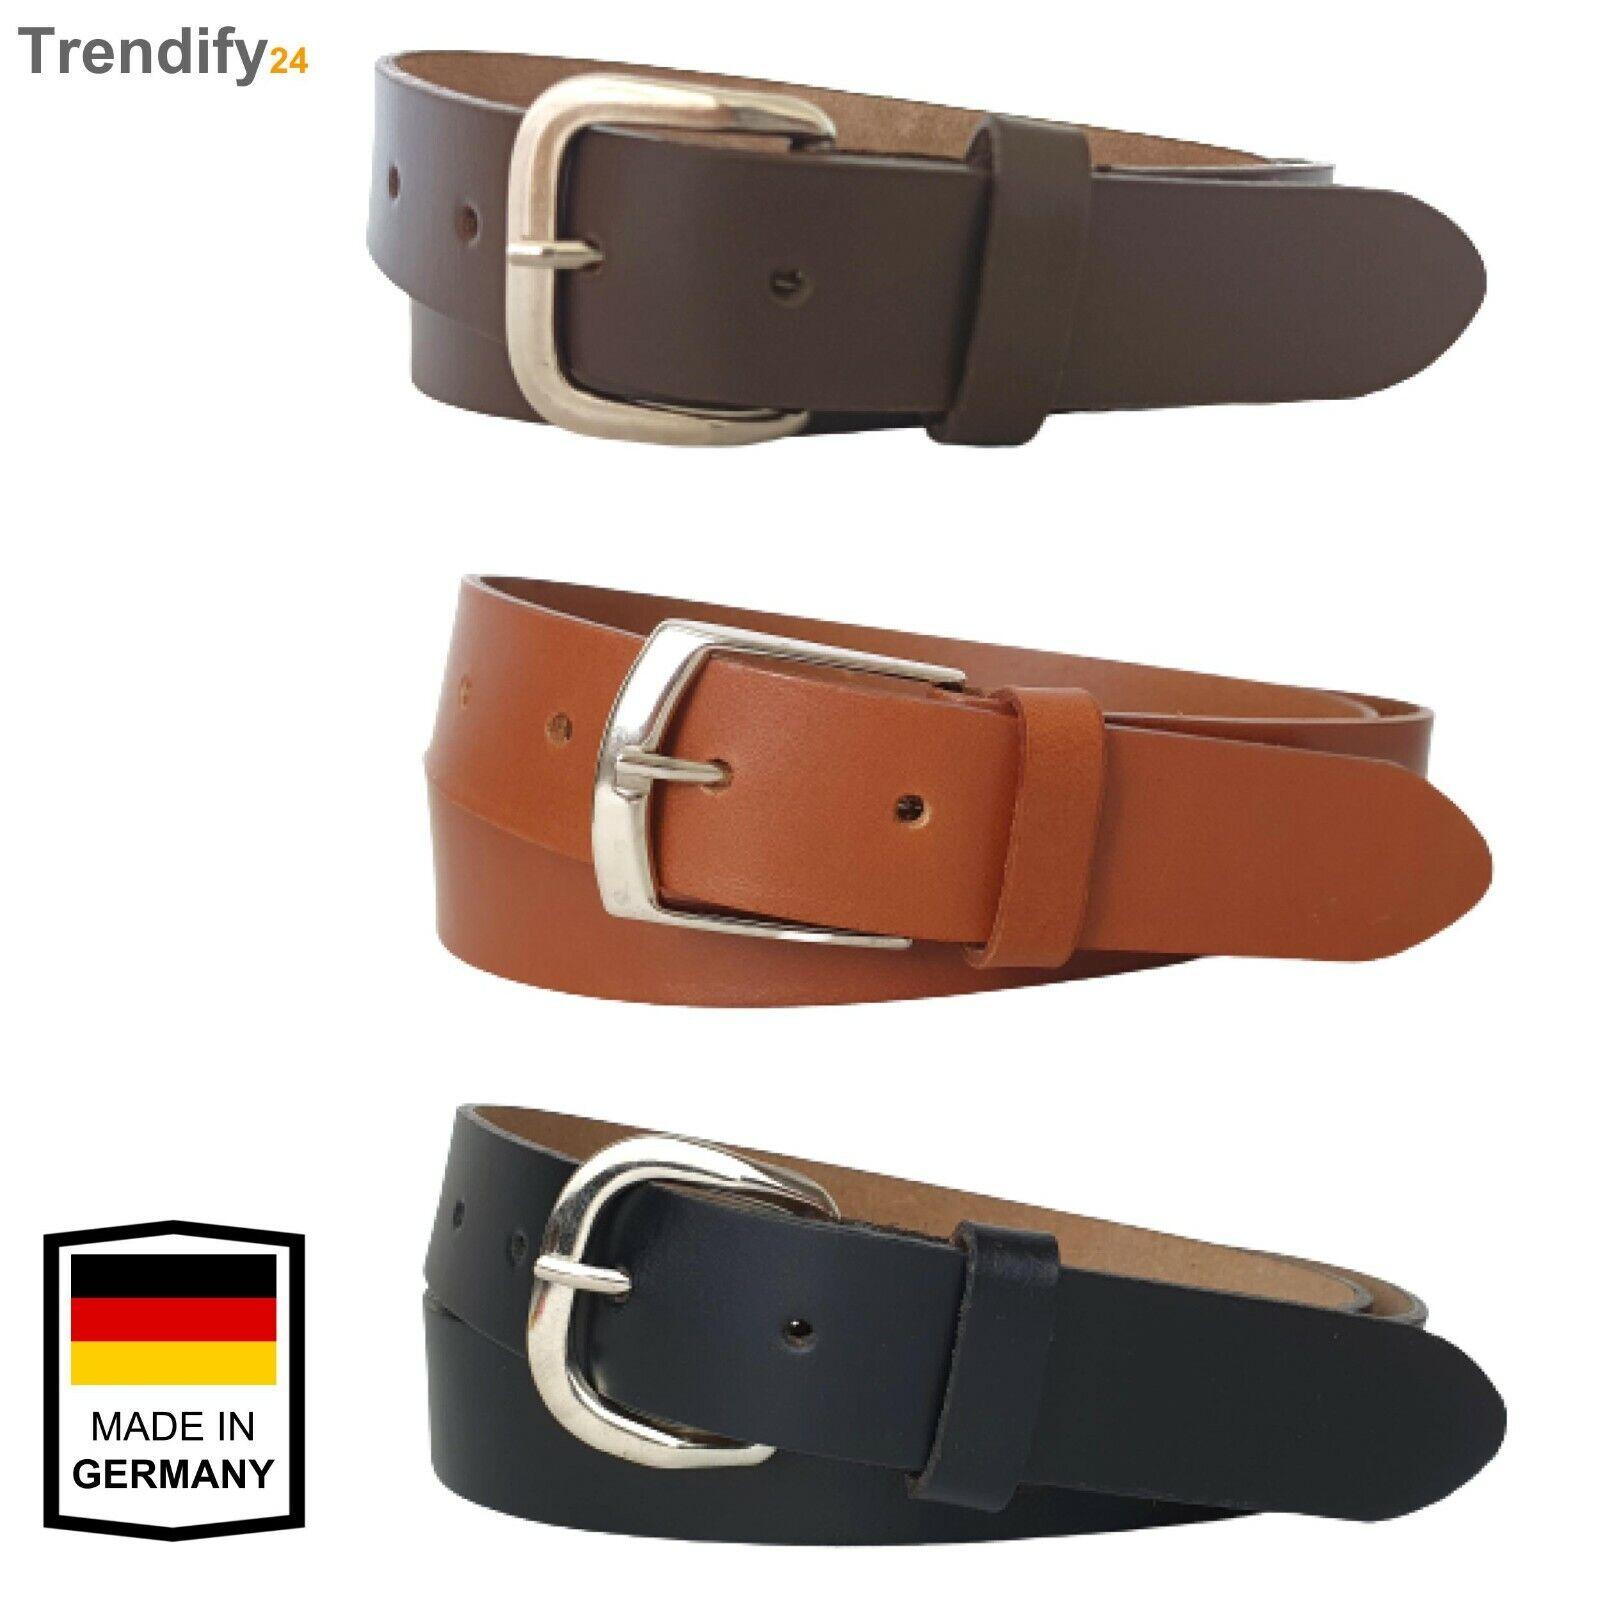 100% Echt Leder Gürtel 3 cm Herren Gürtel braun schwarz Jeans Gürtel Anzug Hose